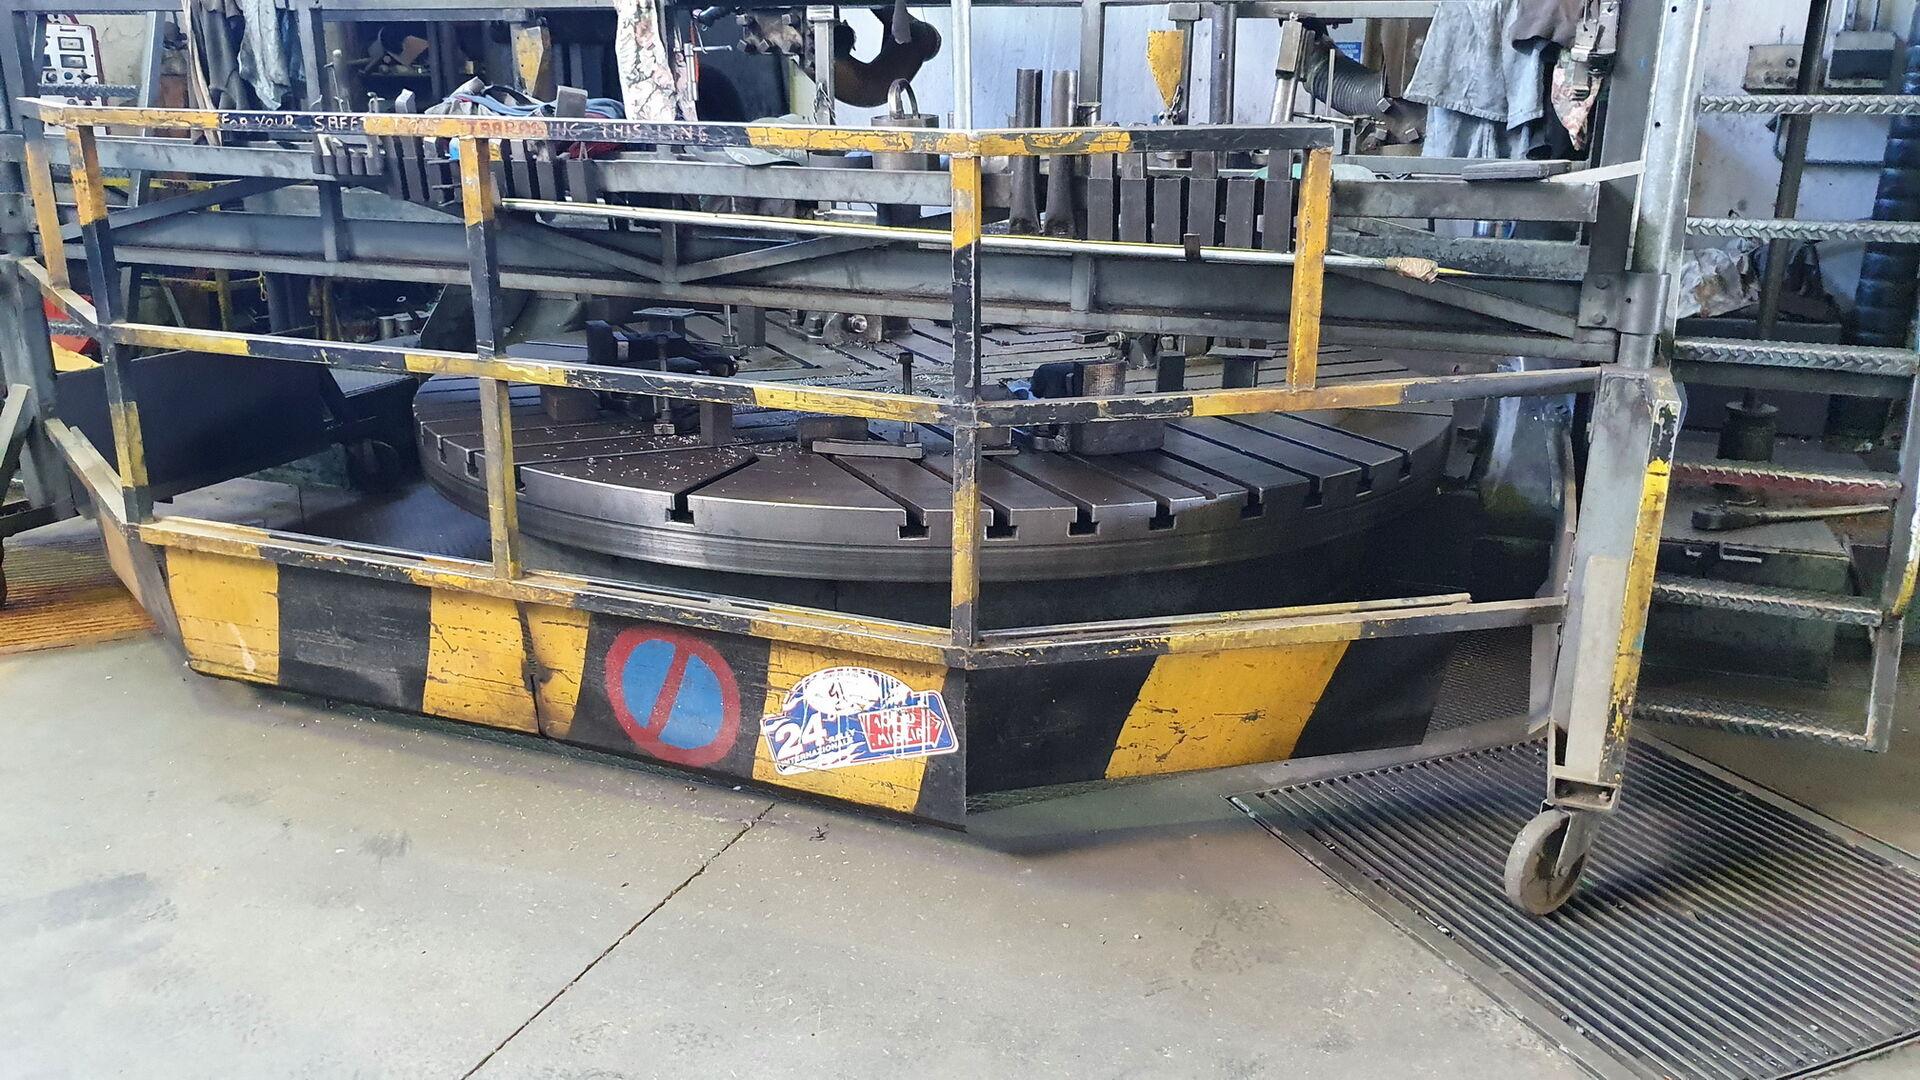 VTL Niles 3500 in vendita - foto 2